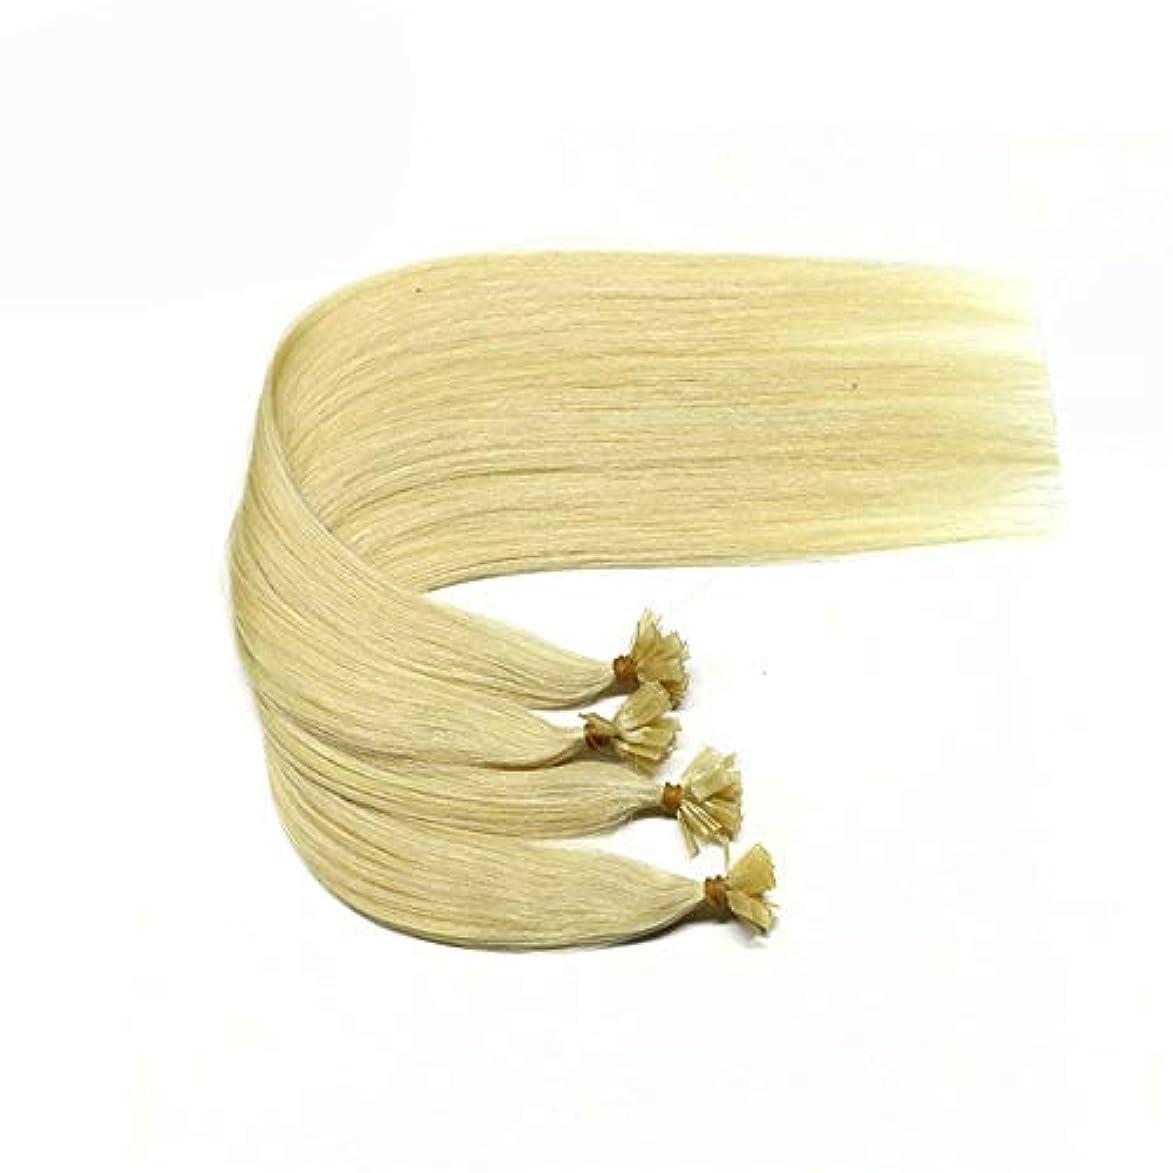 体系的にネブ不透明なWASAIO 女性のためのヘアエクステンションクリップシームレスな髪型の交換前の結合ヒトブロンドの着色マイクロリング (色 : Blonde, サイズ : 16 inch)